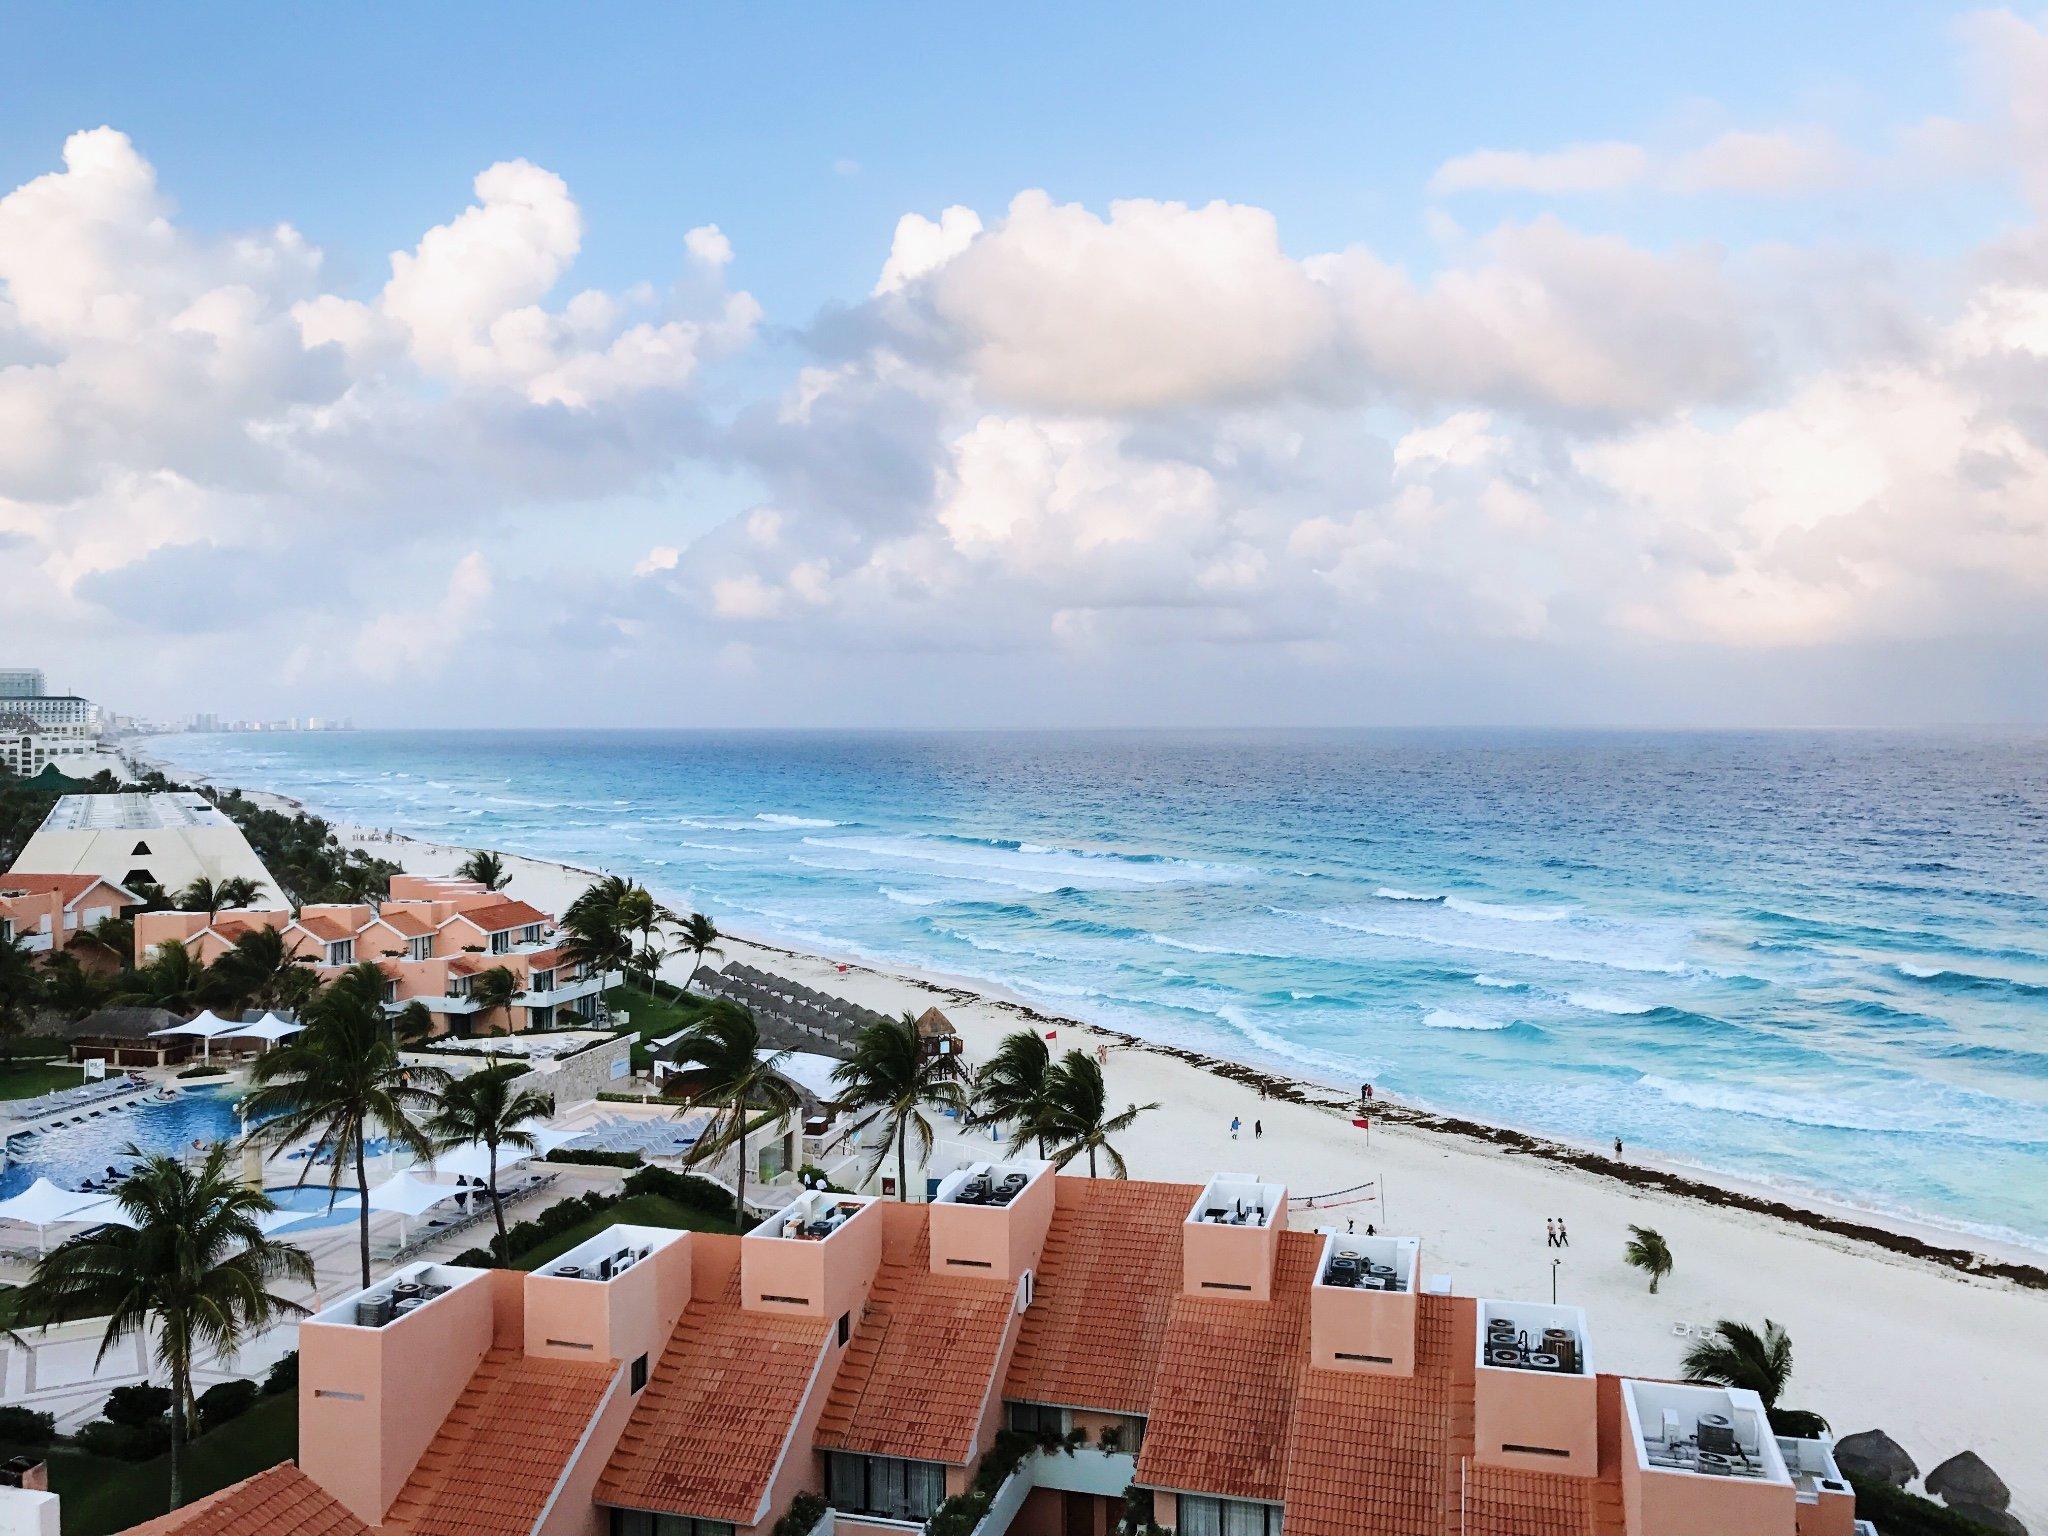 墨西哥坎昆 加勒比海边的悠闲躺吃指南